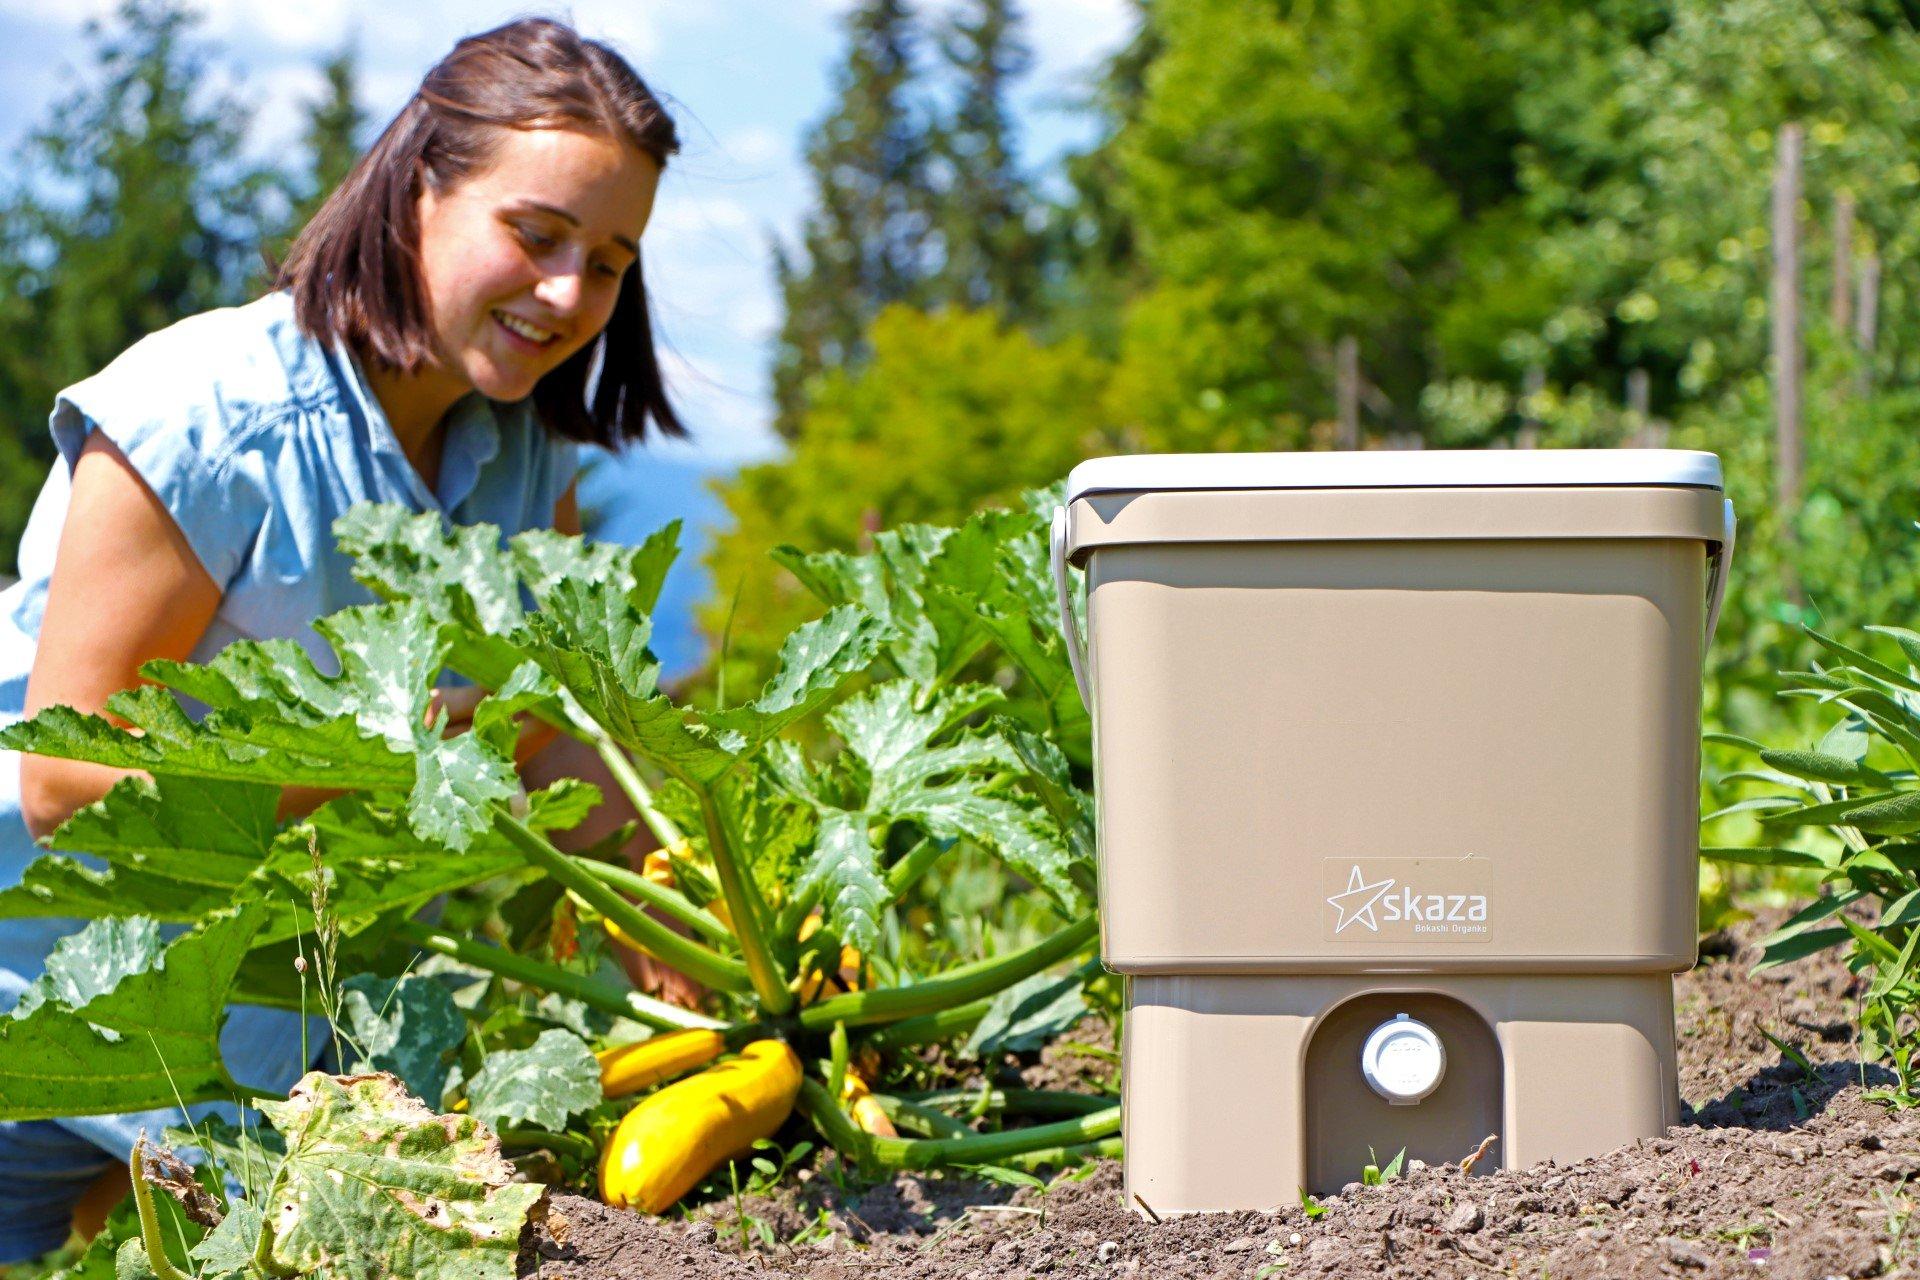 Bio-waste management